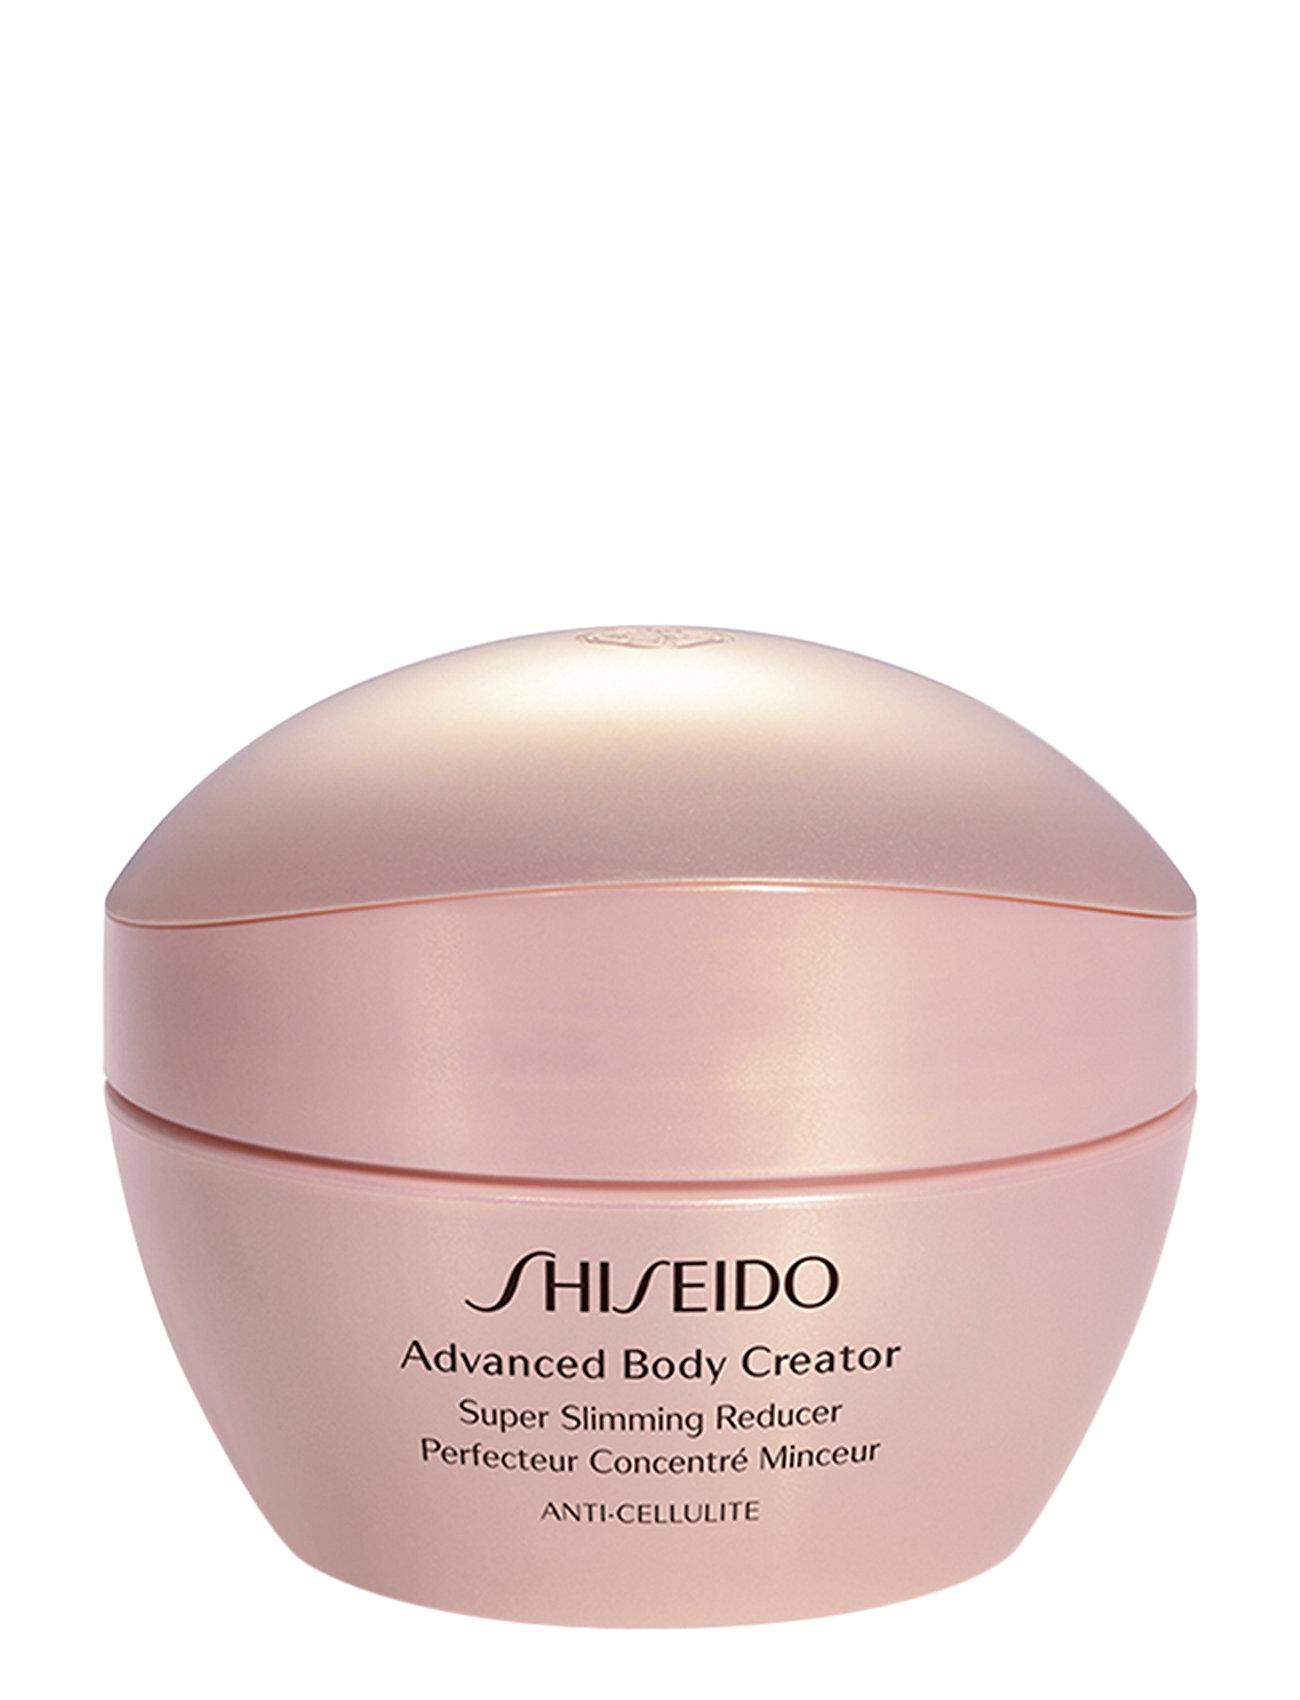 Shiseido bodycare super slimming re fra shiseido på boozt.com dk